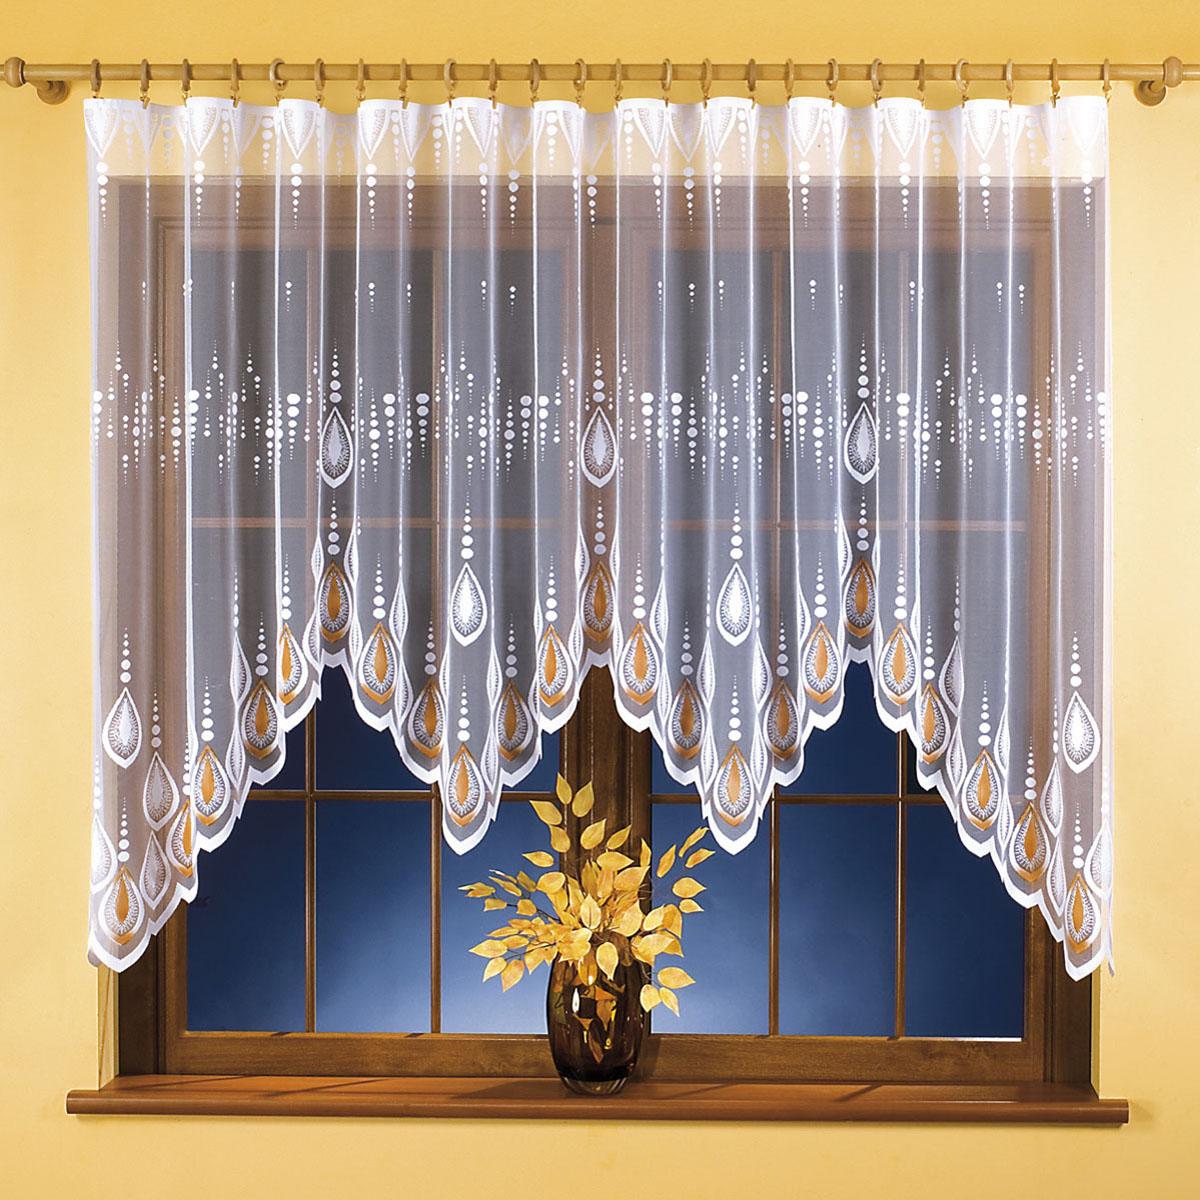 Гардина Wisan, цвет: белый, ширина 300 см, высота 150 см. 96419641вид крепления - под зажимы для штор Размеры: ширина 300*высота 150